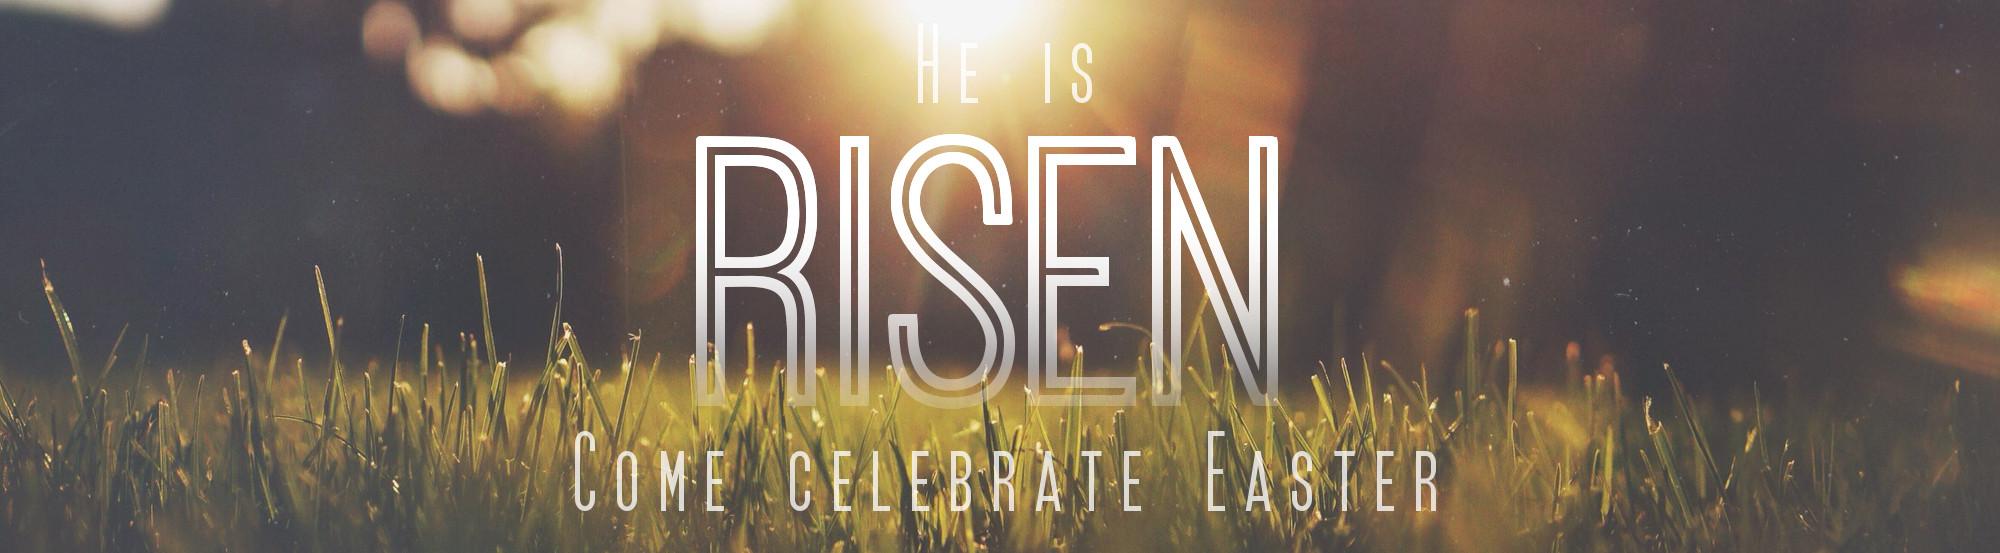 Easter2015_webbanner